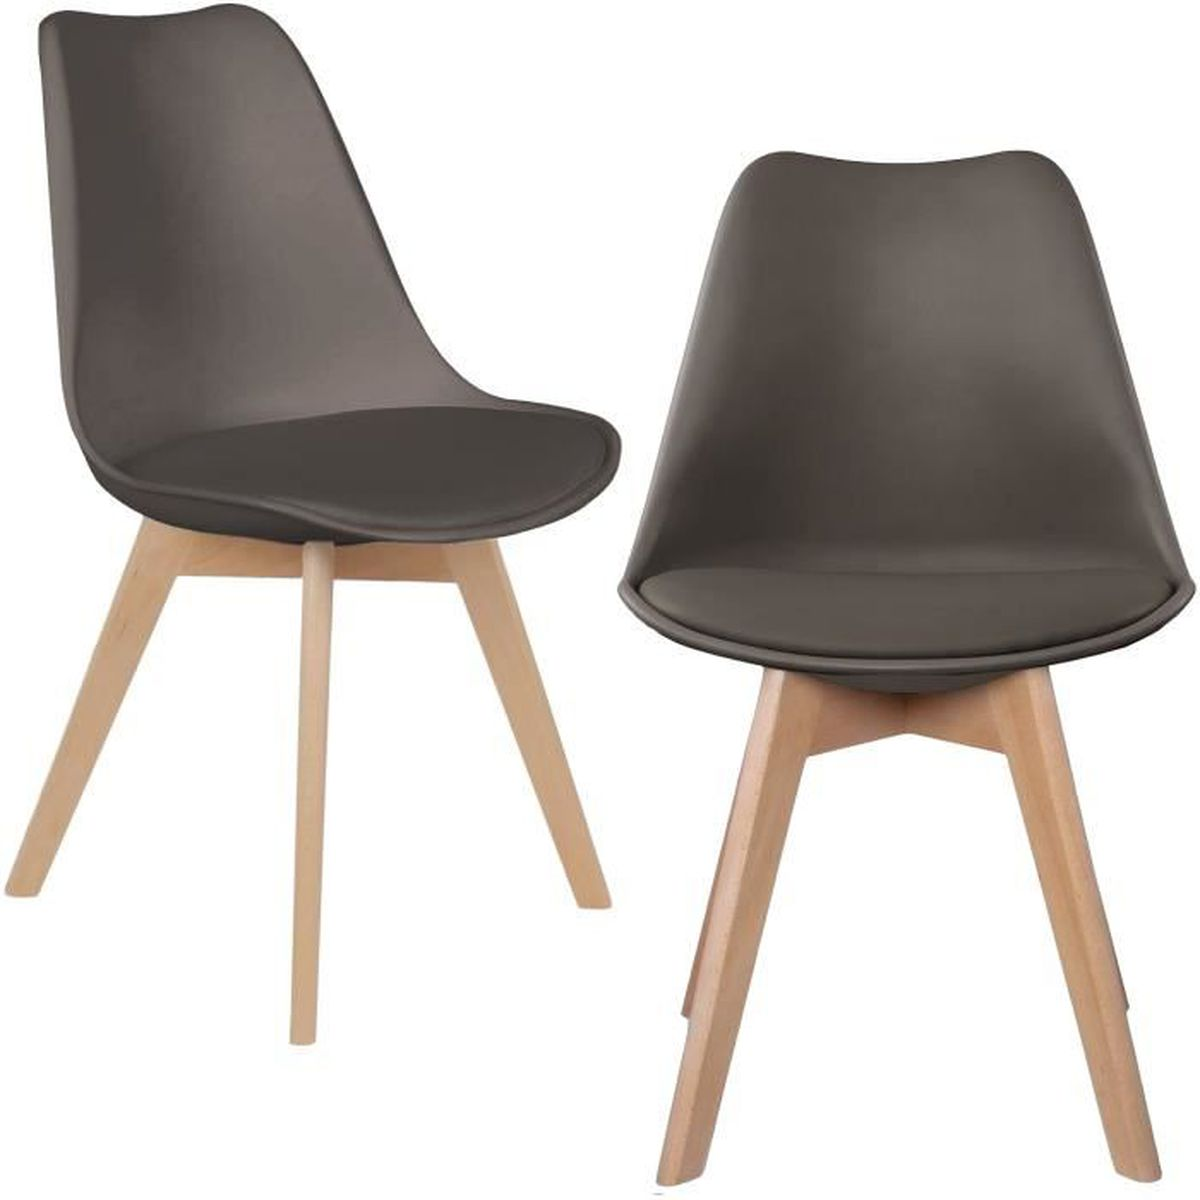 ensemble lot de 2 chaise scandinave coque polypropyl ne avec coussin gris taupe achat vente. Black Bedroom Furniture Sets. Home Design Ideas